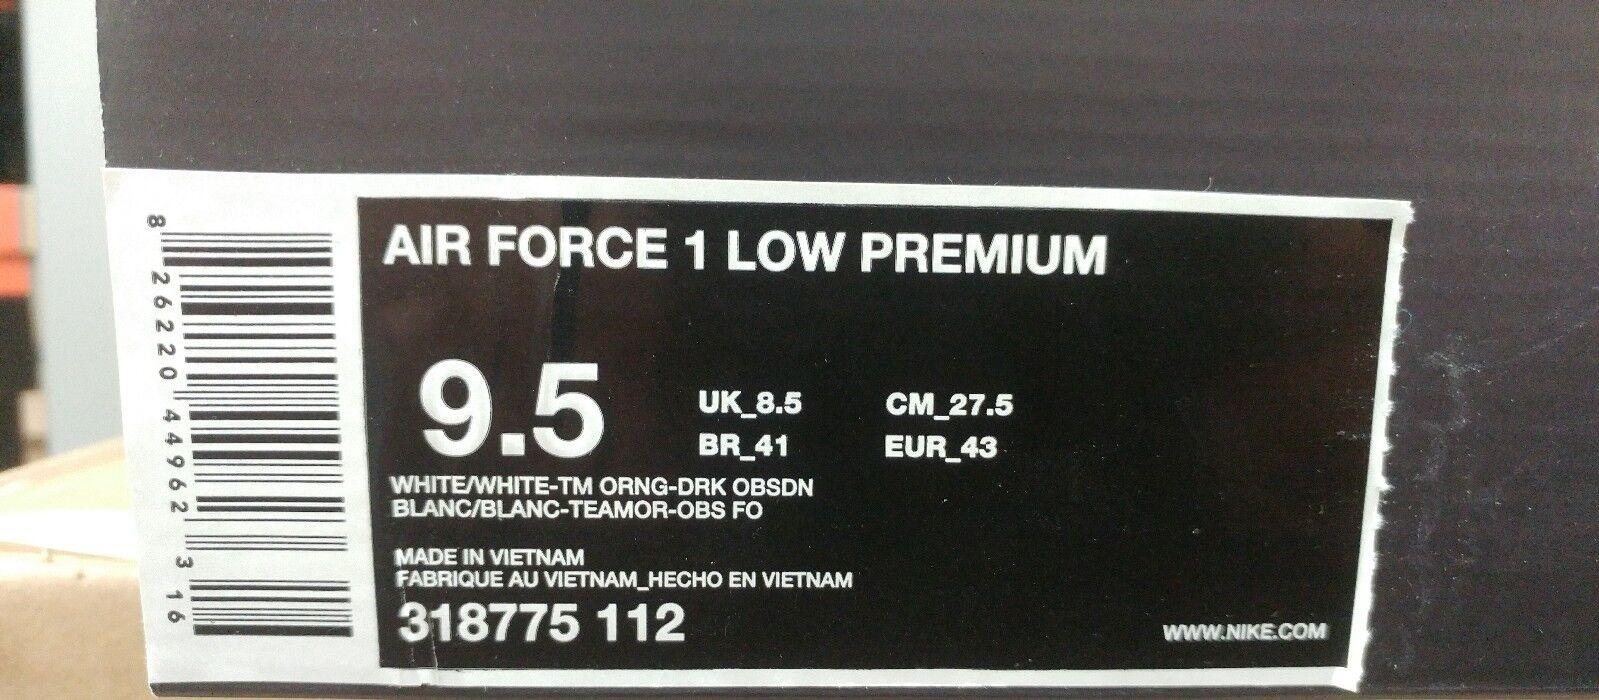 nike air force 1 wahr geringe prämie größe 9.5futura wahr 1 sein weißes orange schuh 318775-112 bd19ea